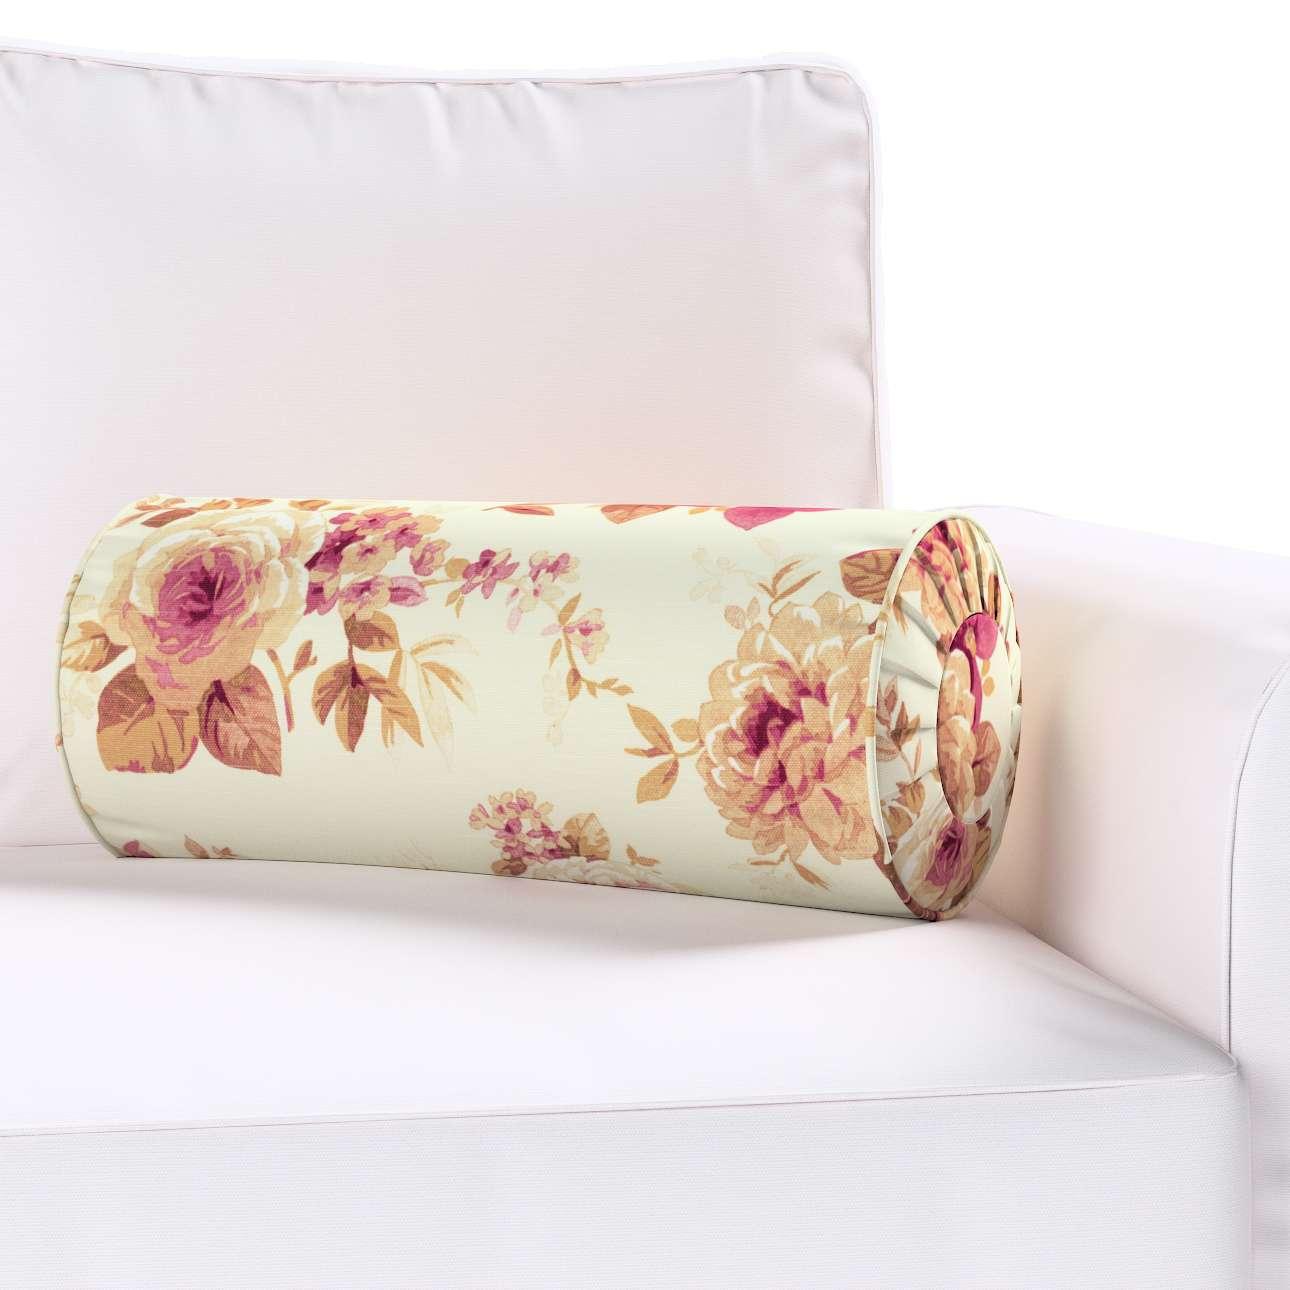 Poduszka wałek z zakładkami w kolekcji Mirella, tkanina: 141-06